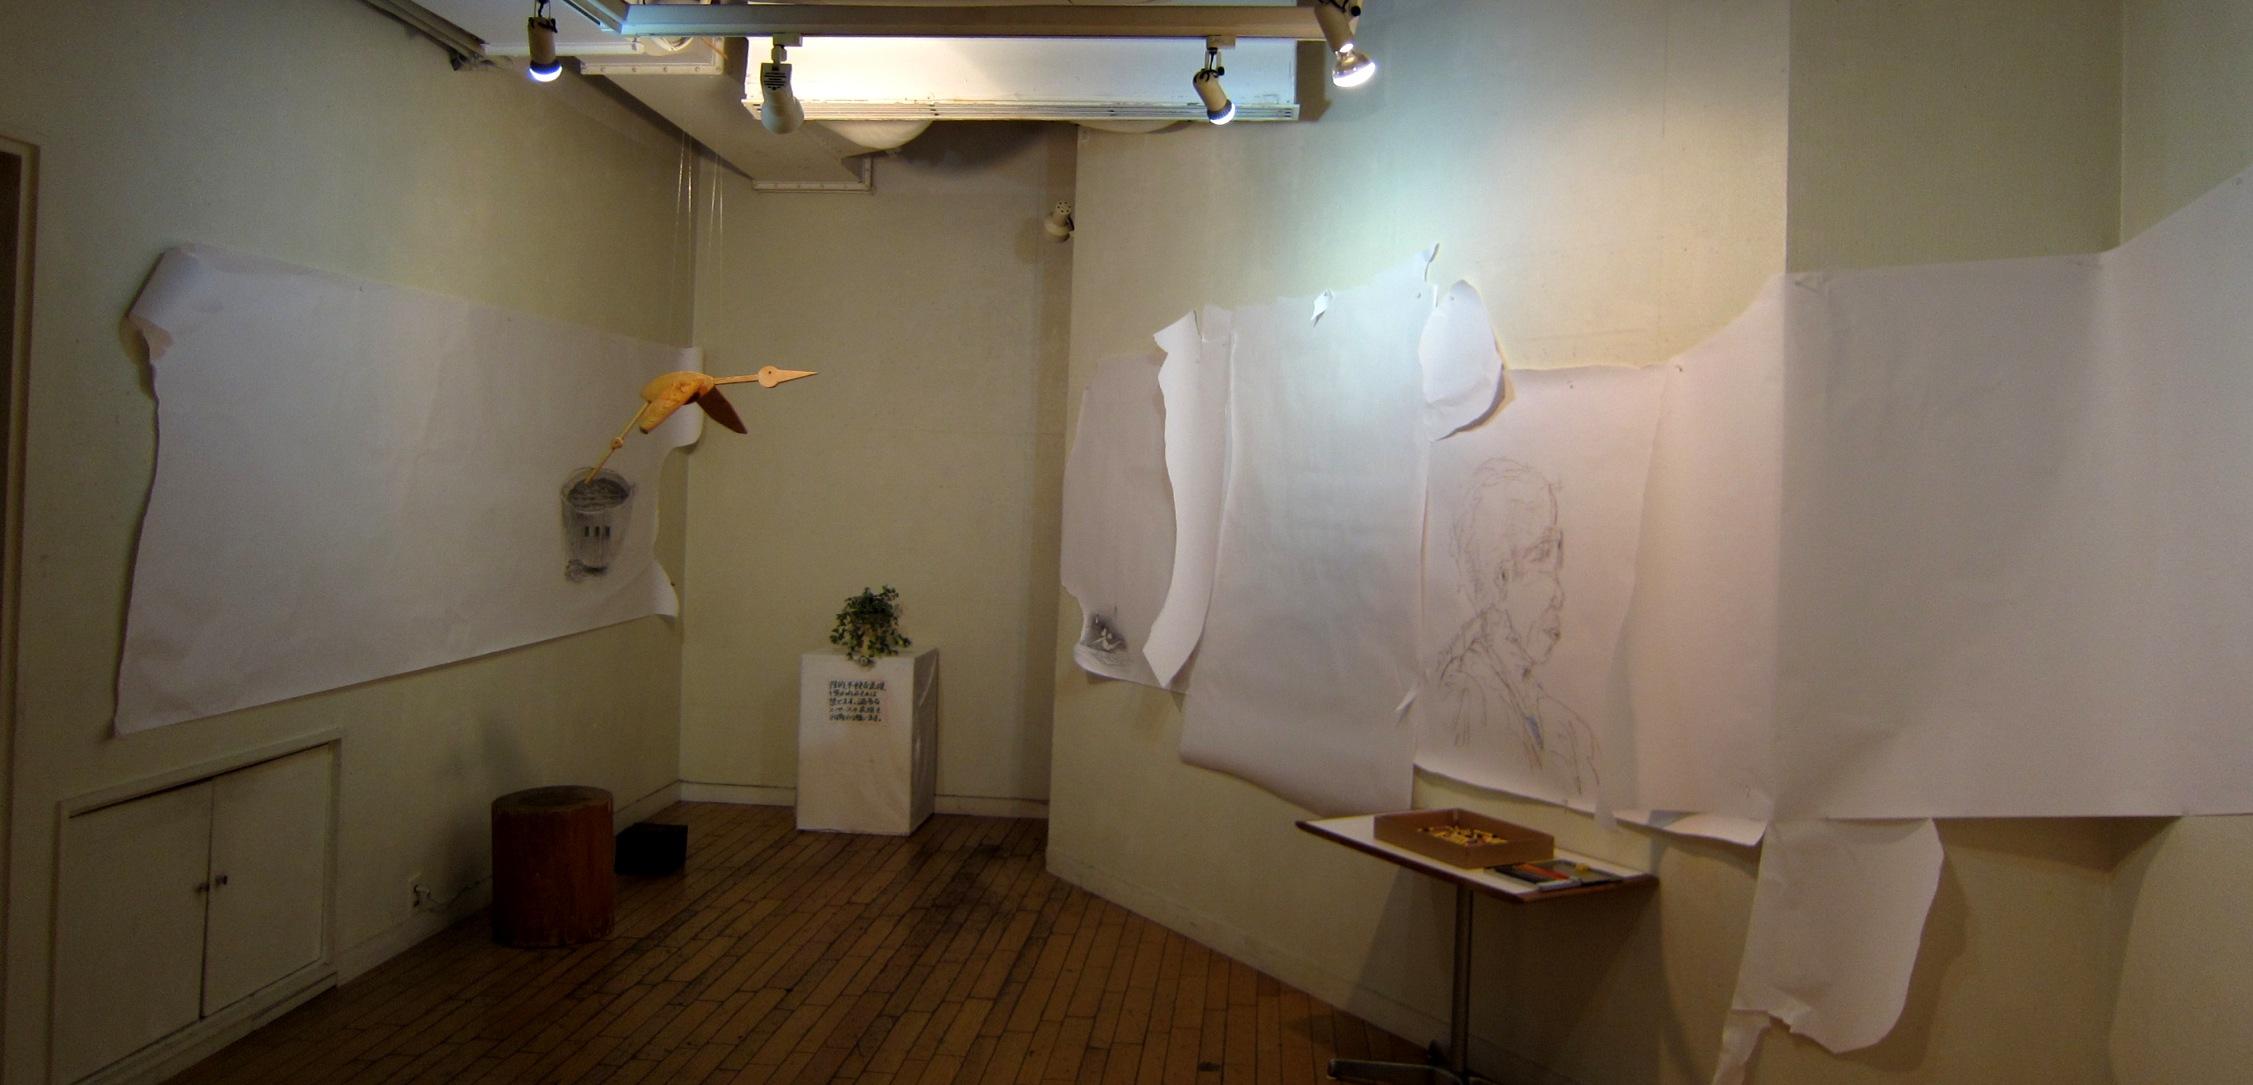 2196) 「ドローイング展 ~参加料無料!! 自由に描いて下さい!!」 たぴお 9月9日(月)~9月14日(土)_f0126829_2320297.jpg